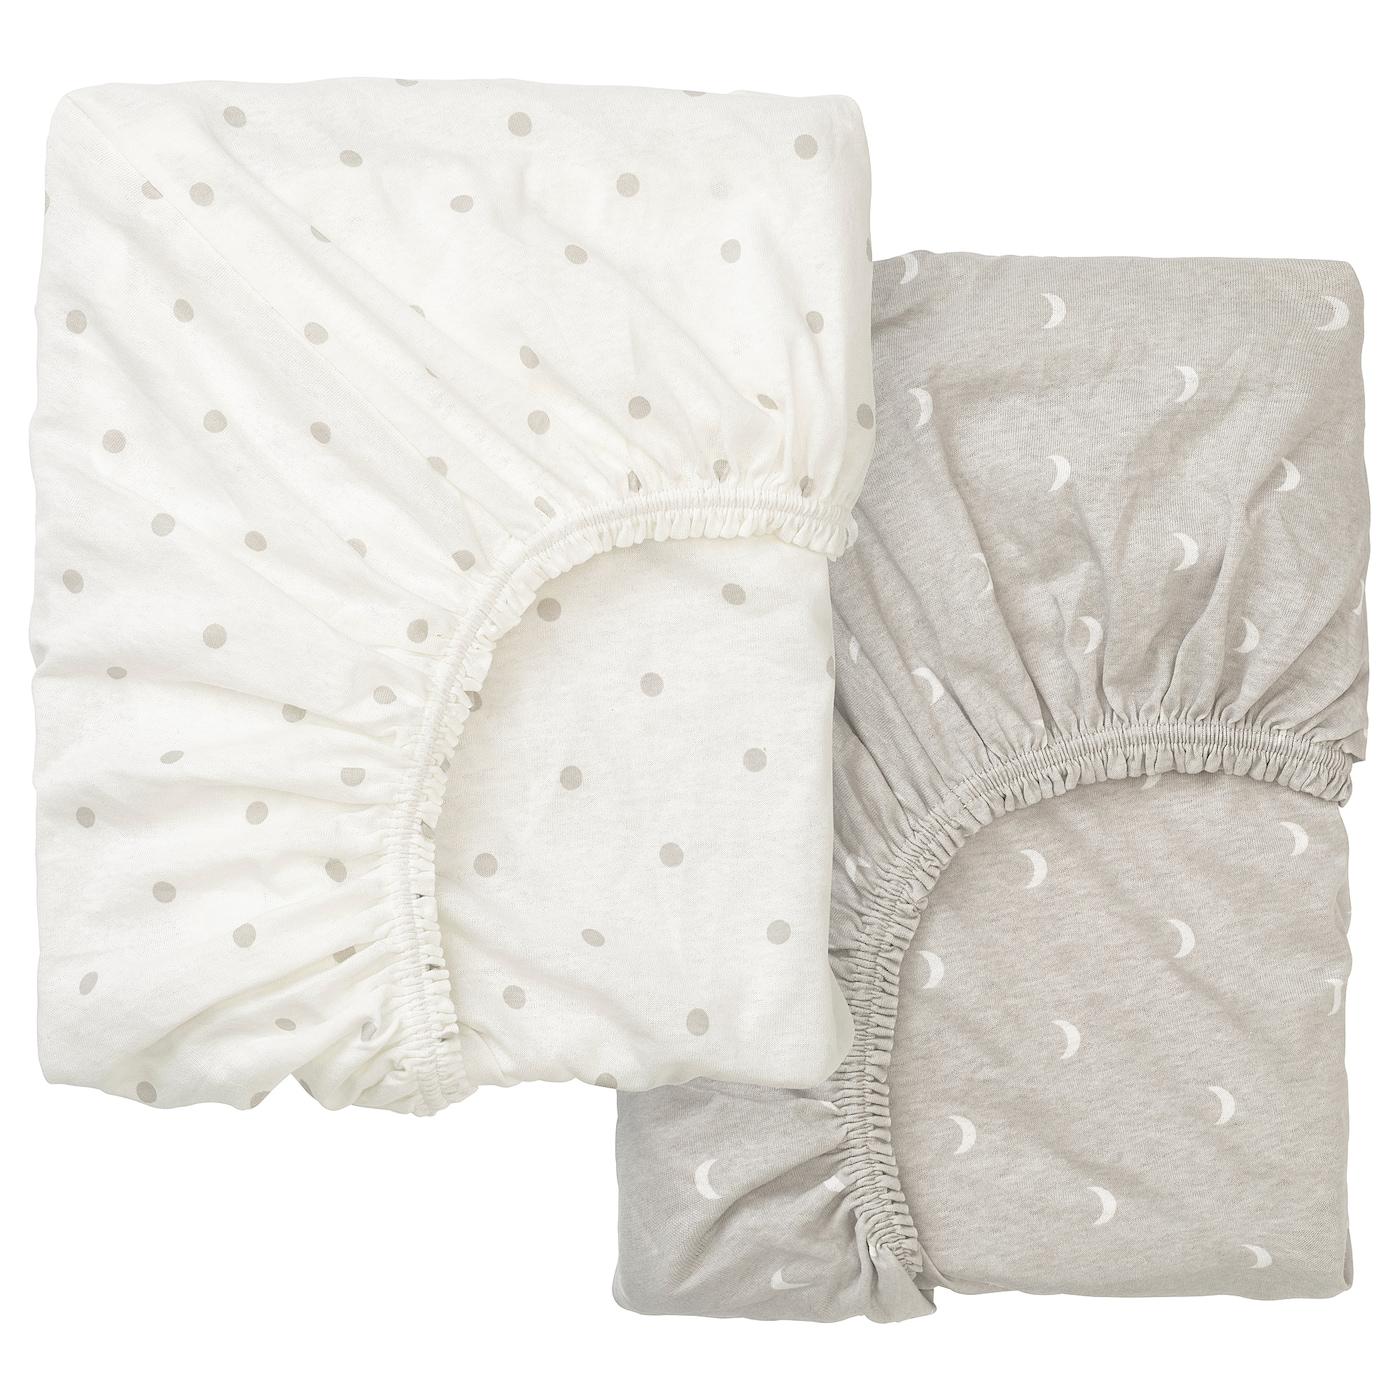 LENAST Spannbettlaken für Babybett - Punkte/Mond 70x140 cm